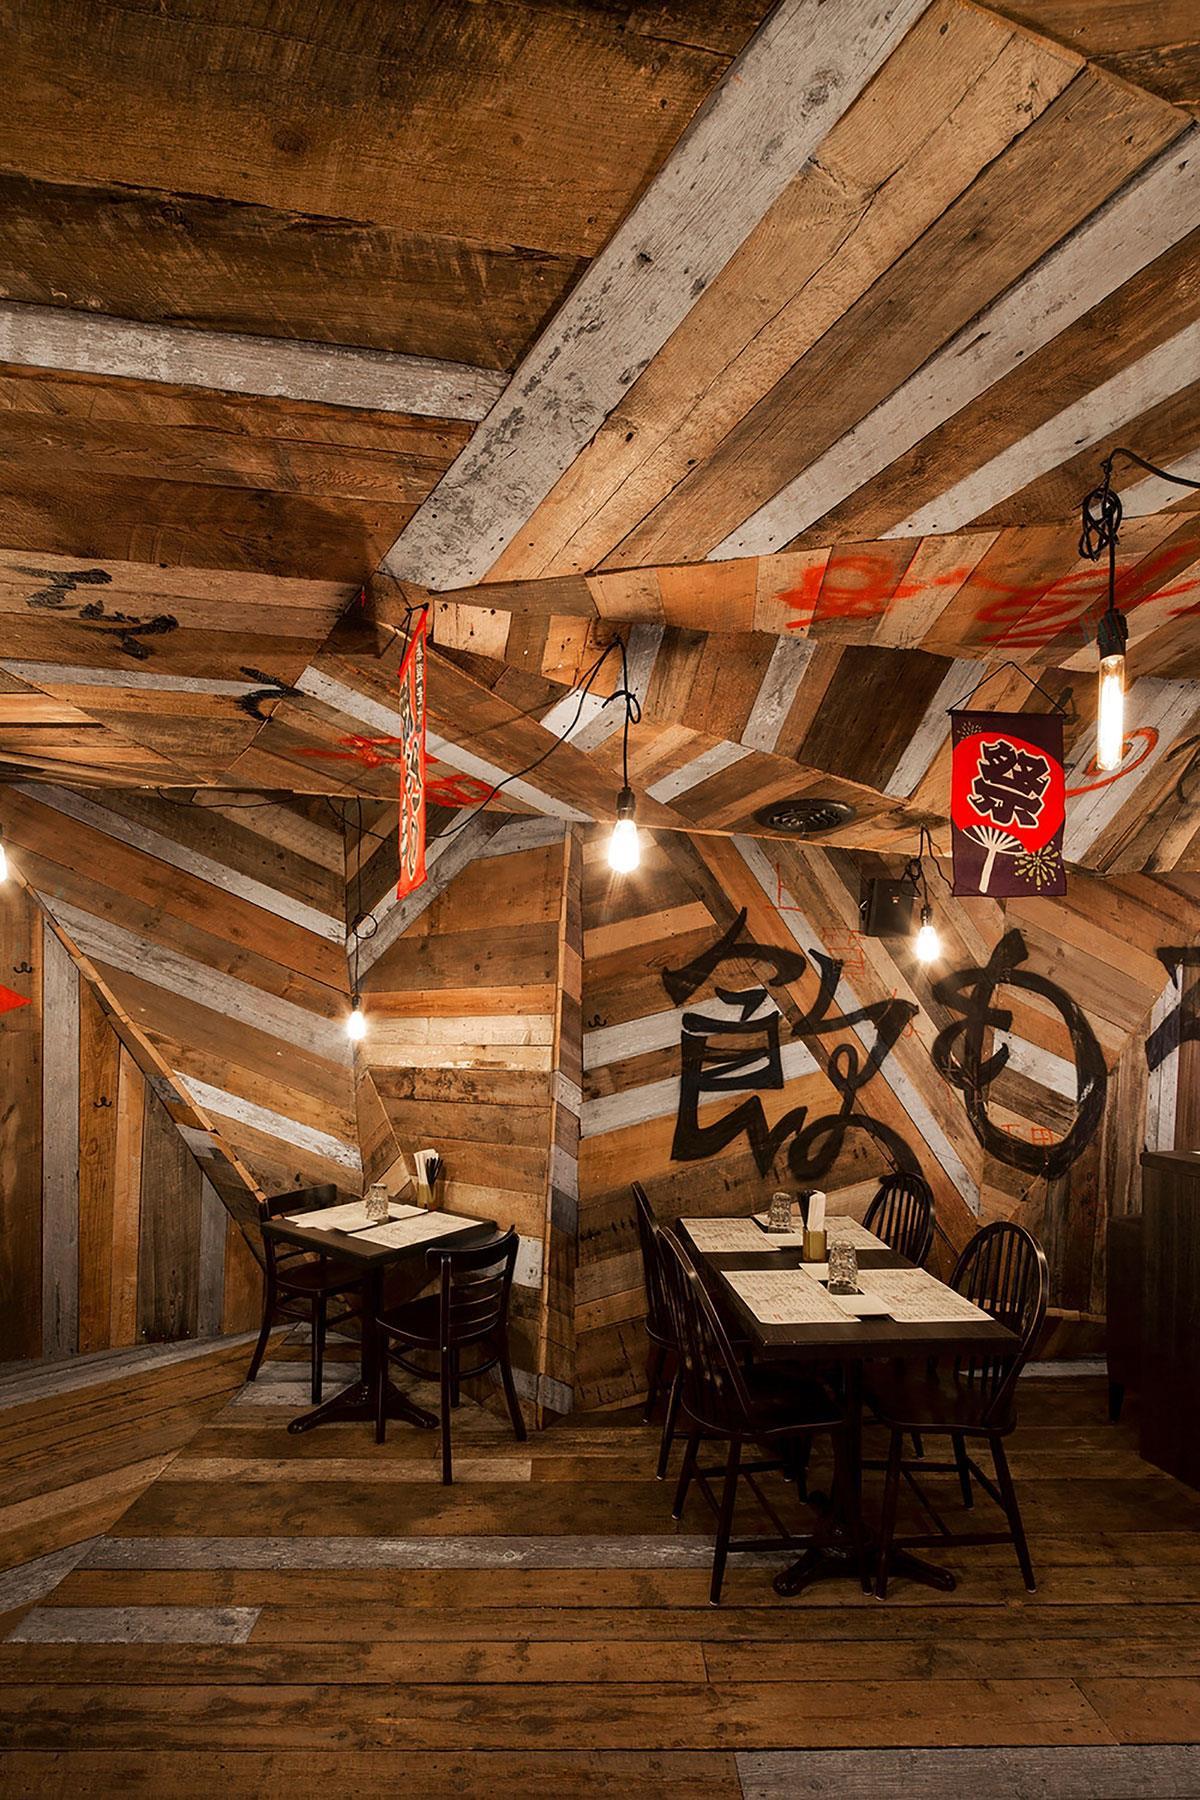 空间设计 葫芦里餐饮品牌设计案例 关于餐饮品牌设计标准项目清单